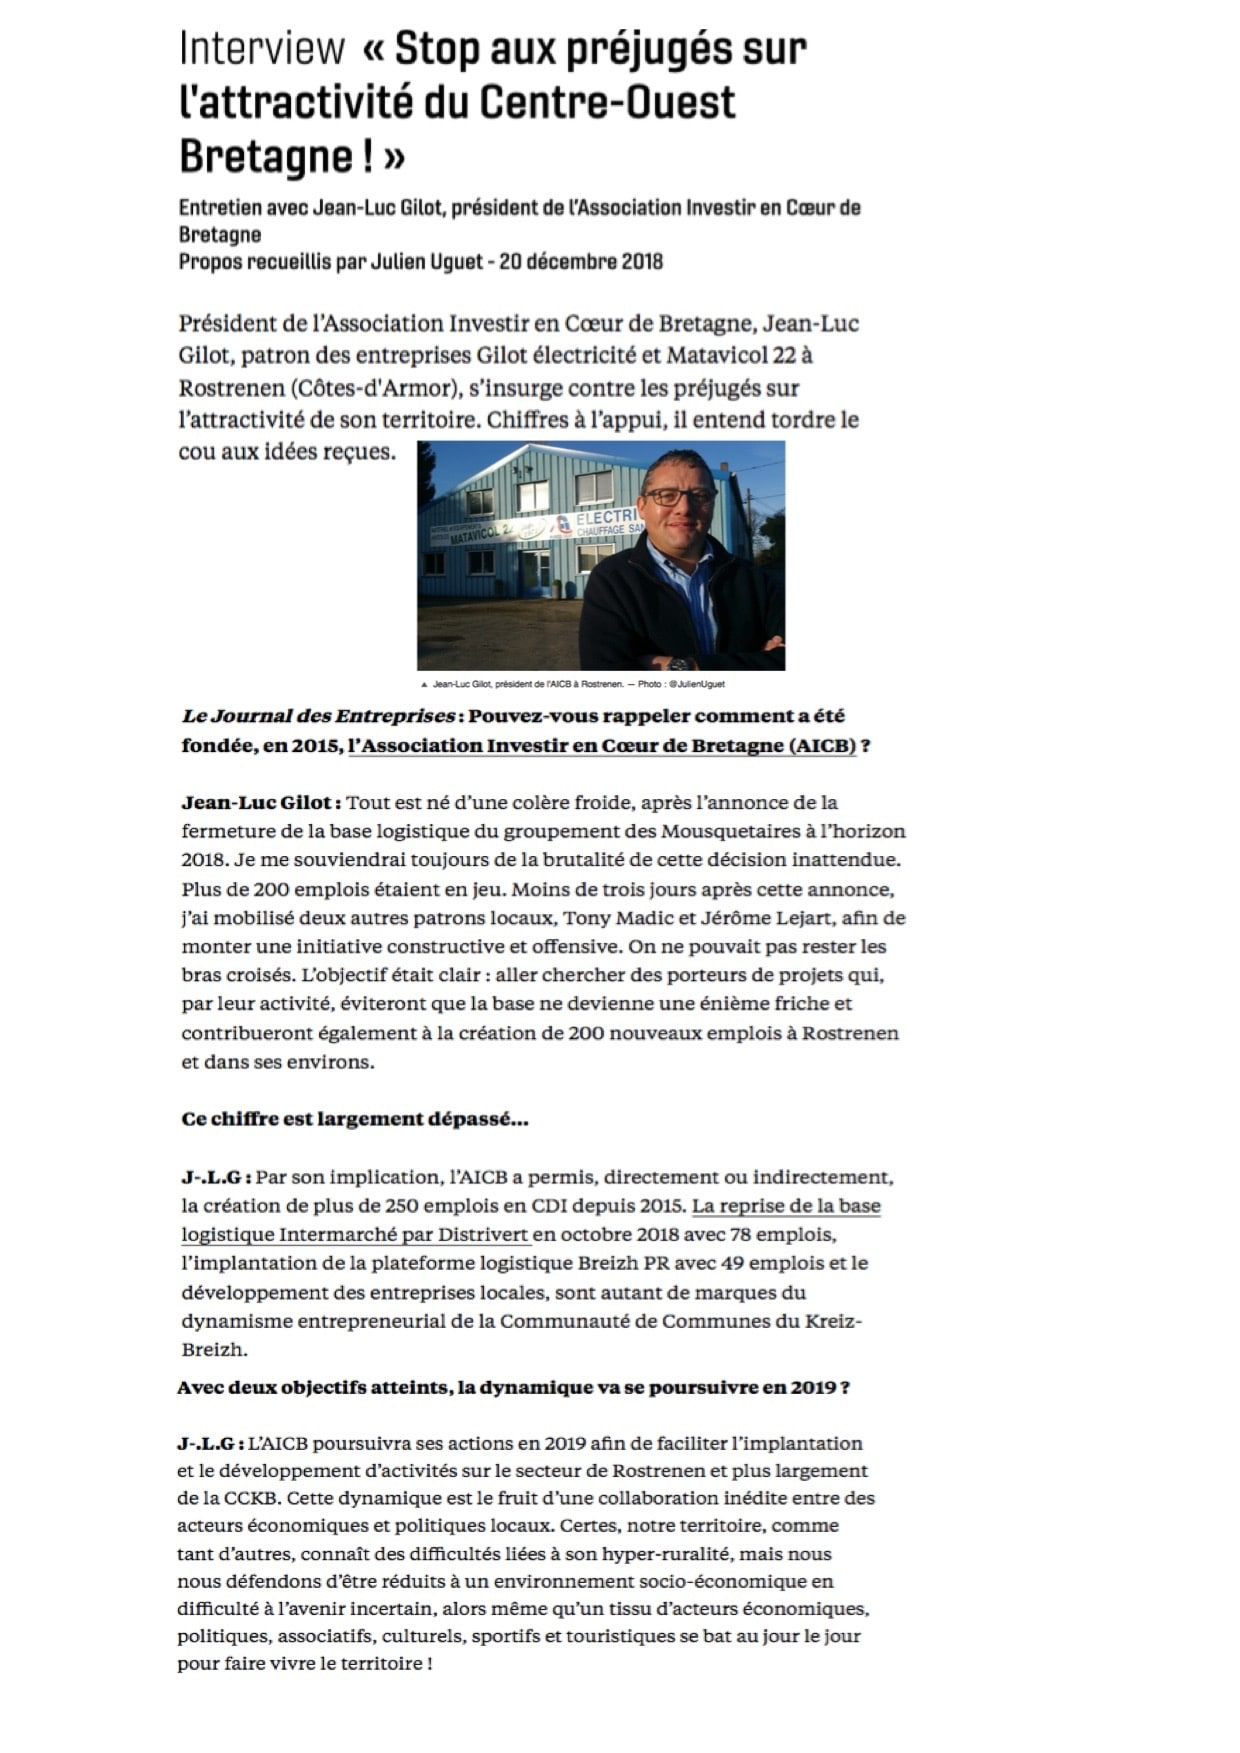 Interview - Stop aux préjugés sur l'attractivité - Journal des entreprises